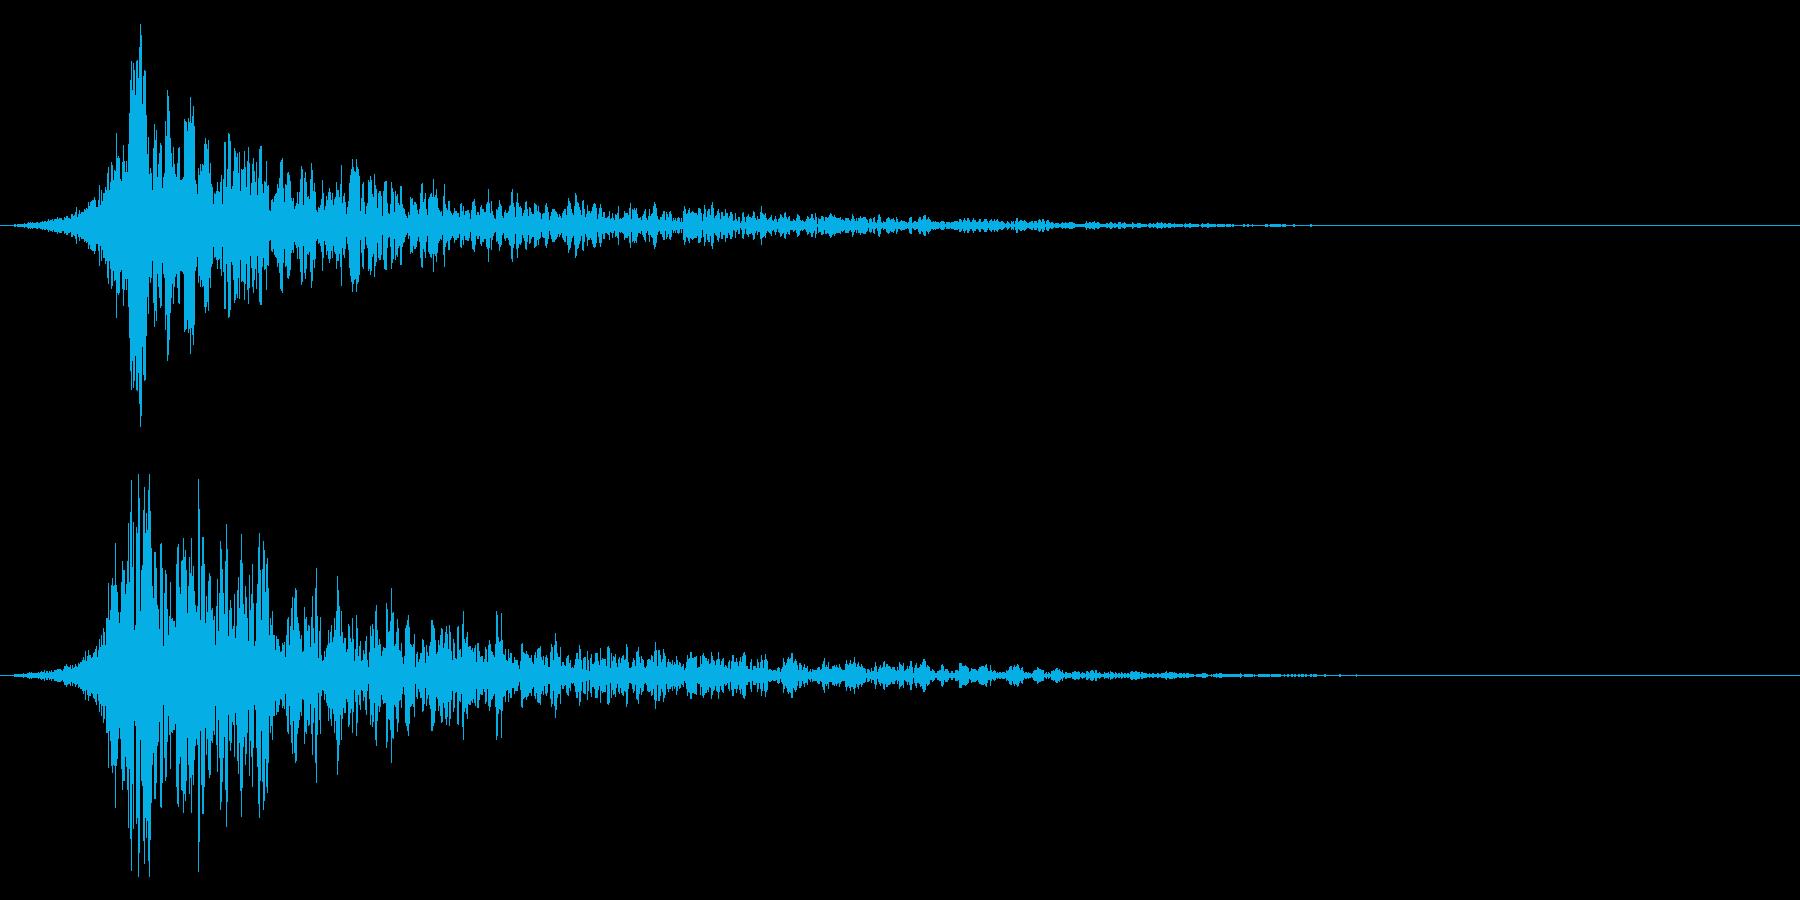 シュードーン-26-2(インパクト音)の再生済みの波形